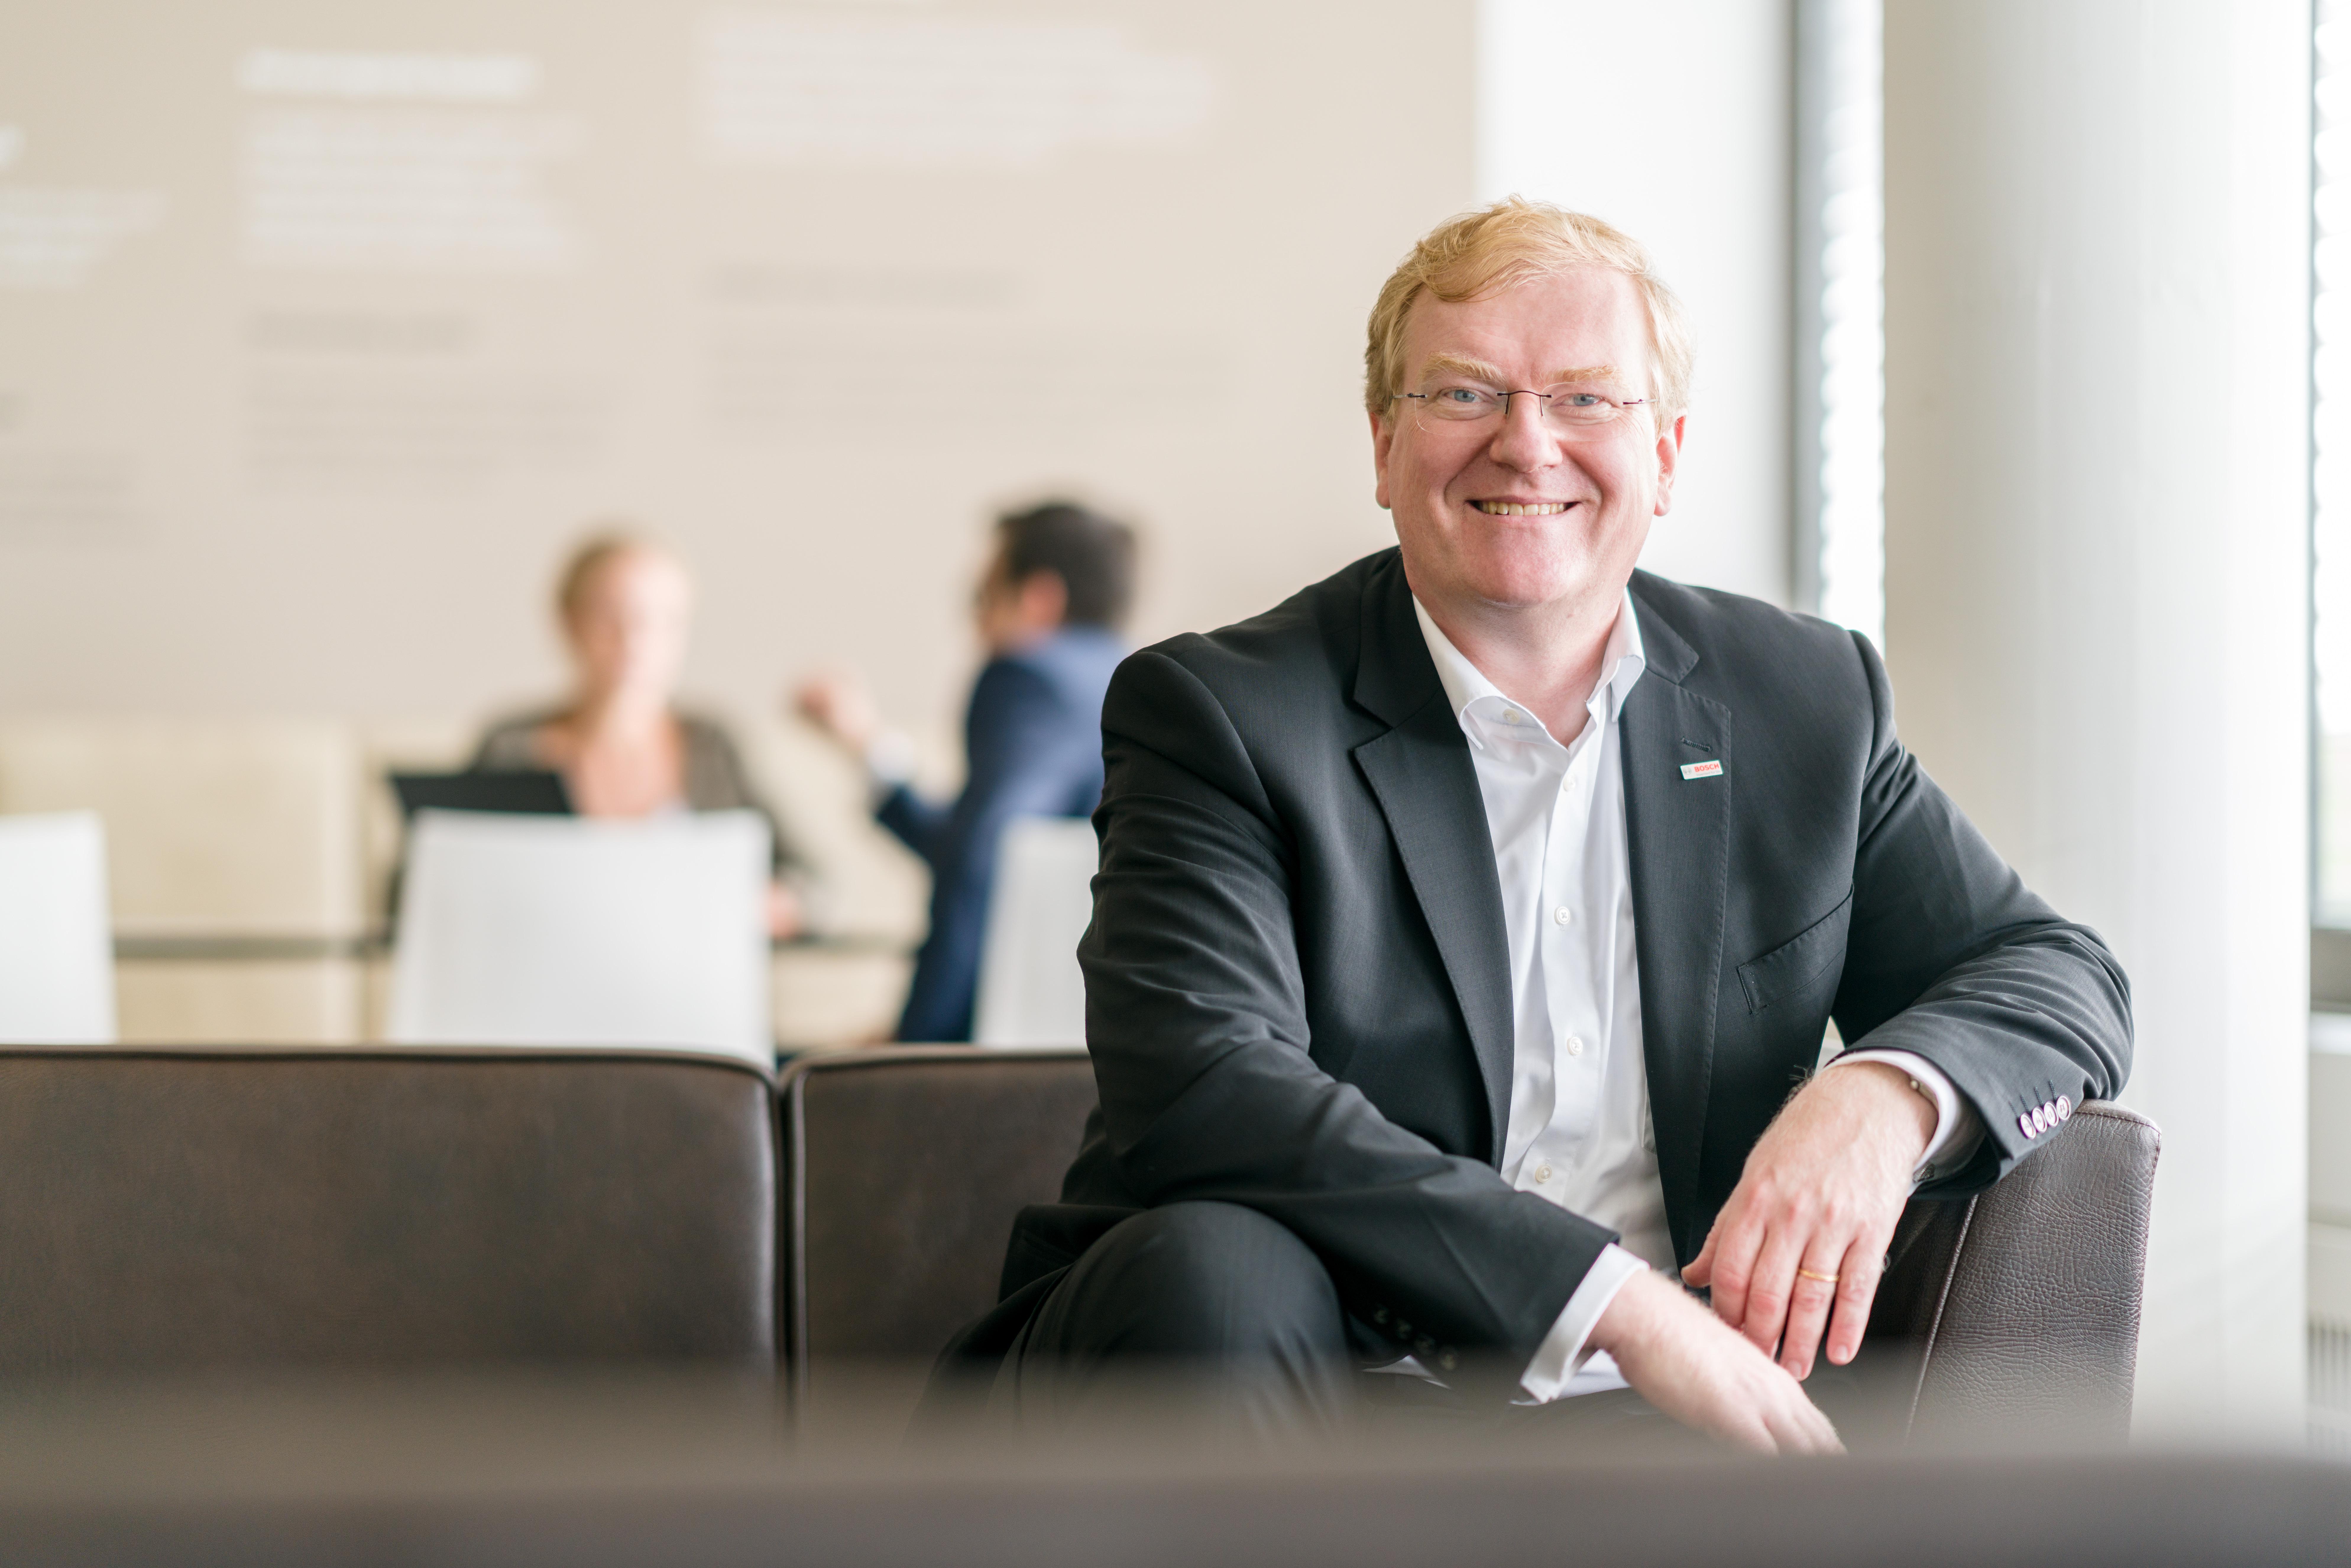 Dr.-Ing. Stefan Hartung